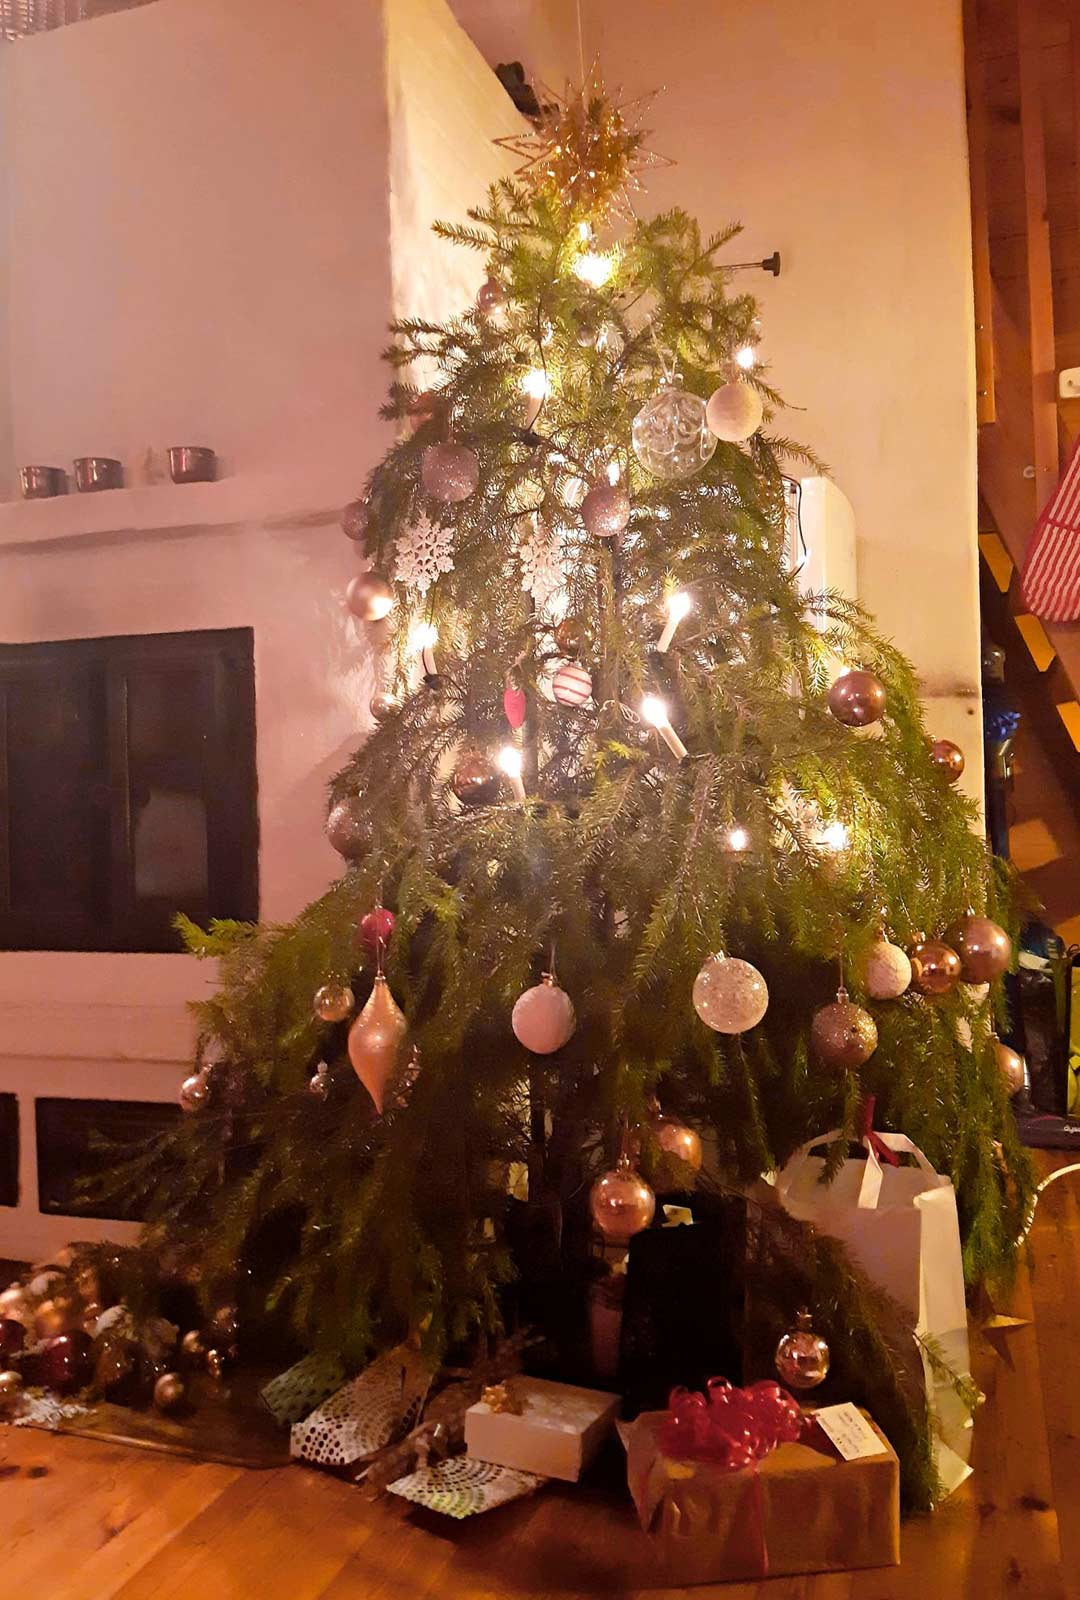 Hilla sai joulujuhlaansa kuusen lahjoituksena. Paikallinen yrittäjä halusi sponsoroida kuusen alle lahjat.